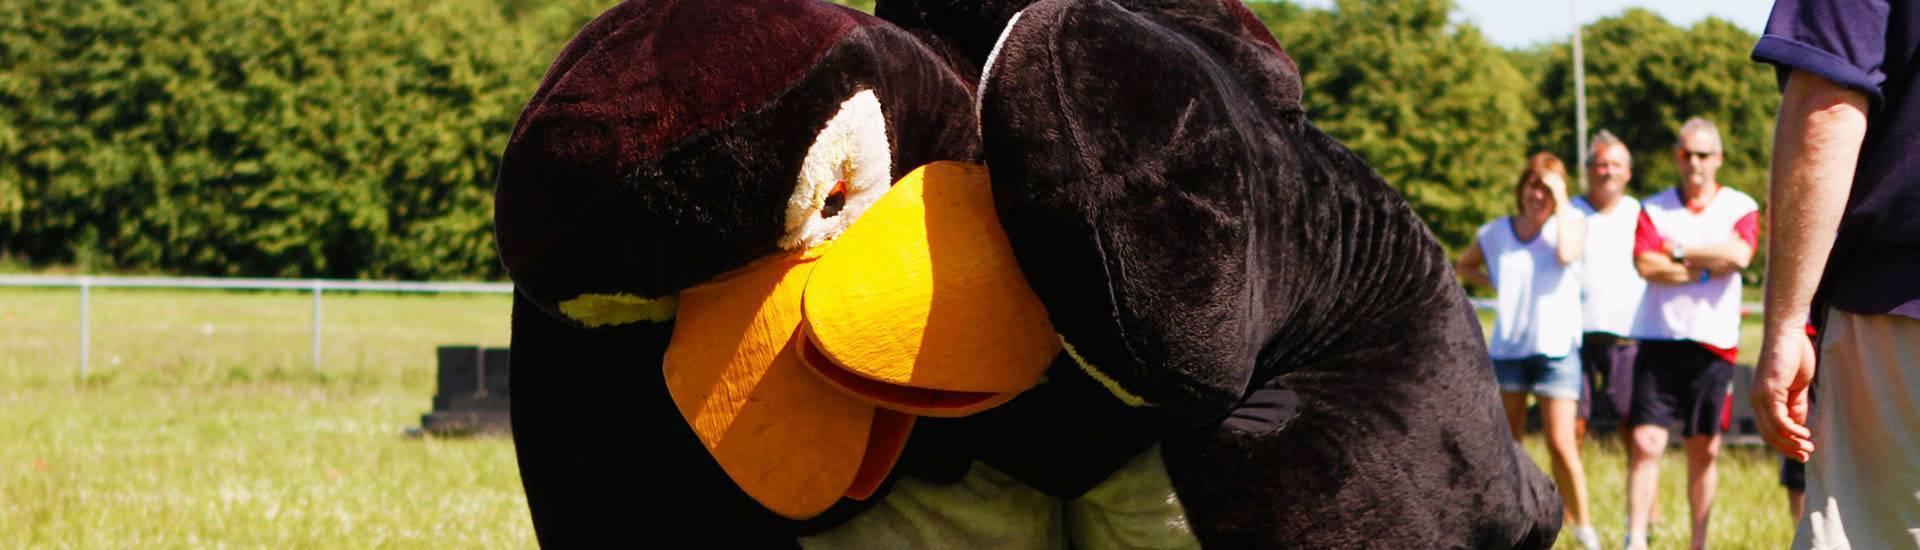 Penguin Pursuit